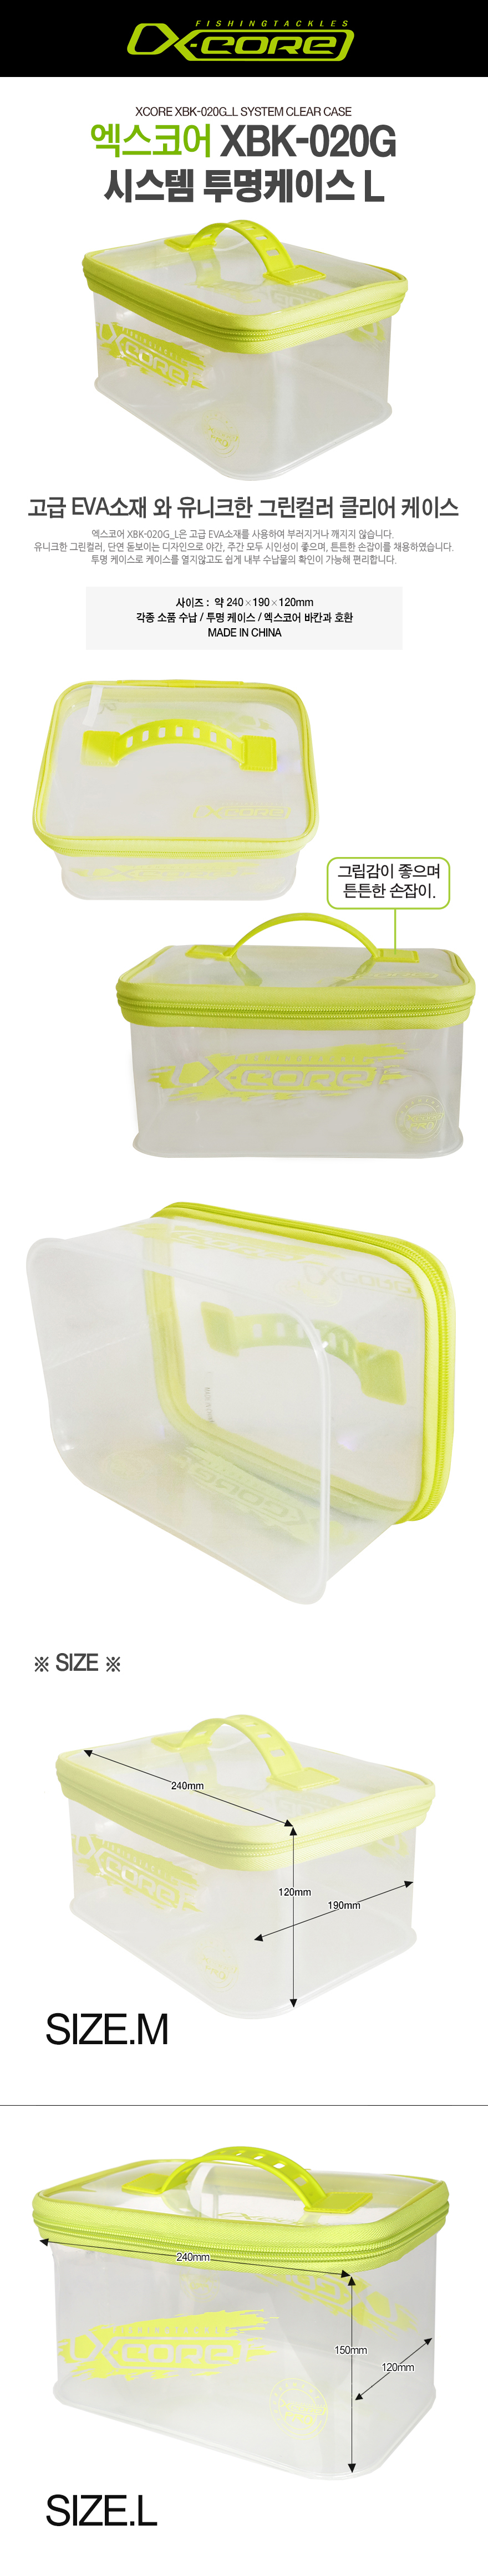 엑스코어 시스템 투명케이스 XBK-020G 시스템케이스 보조가방 보조백